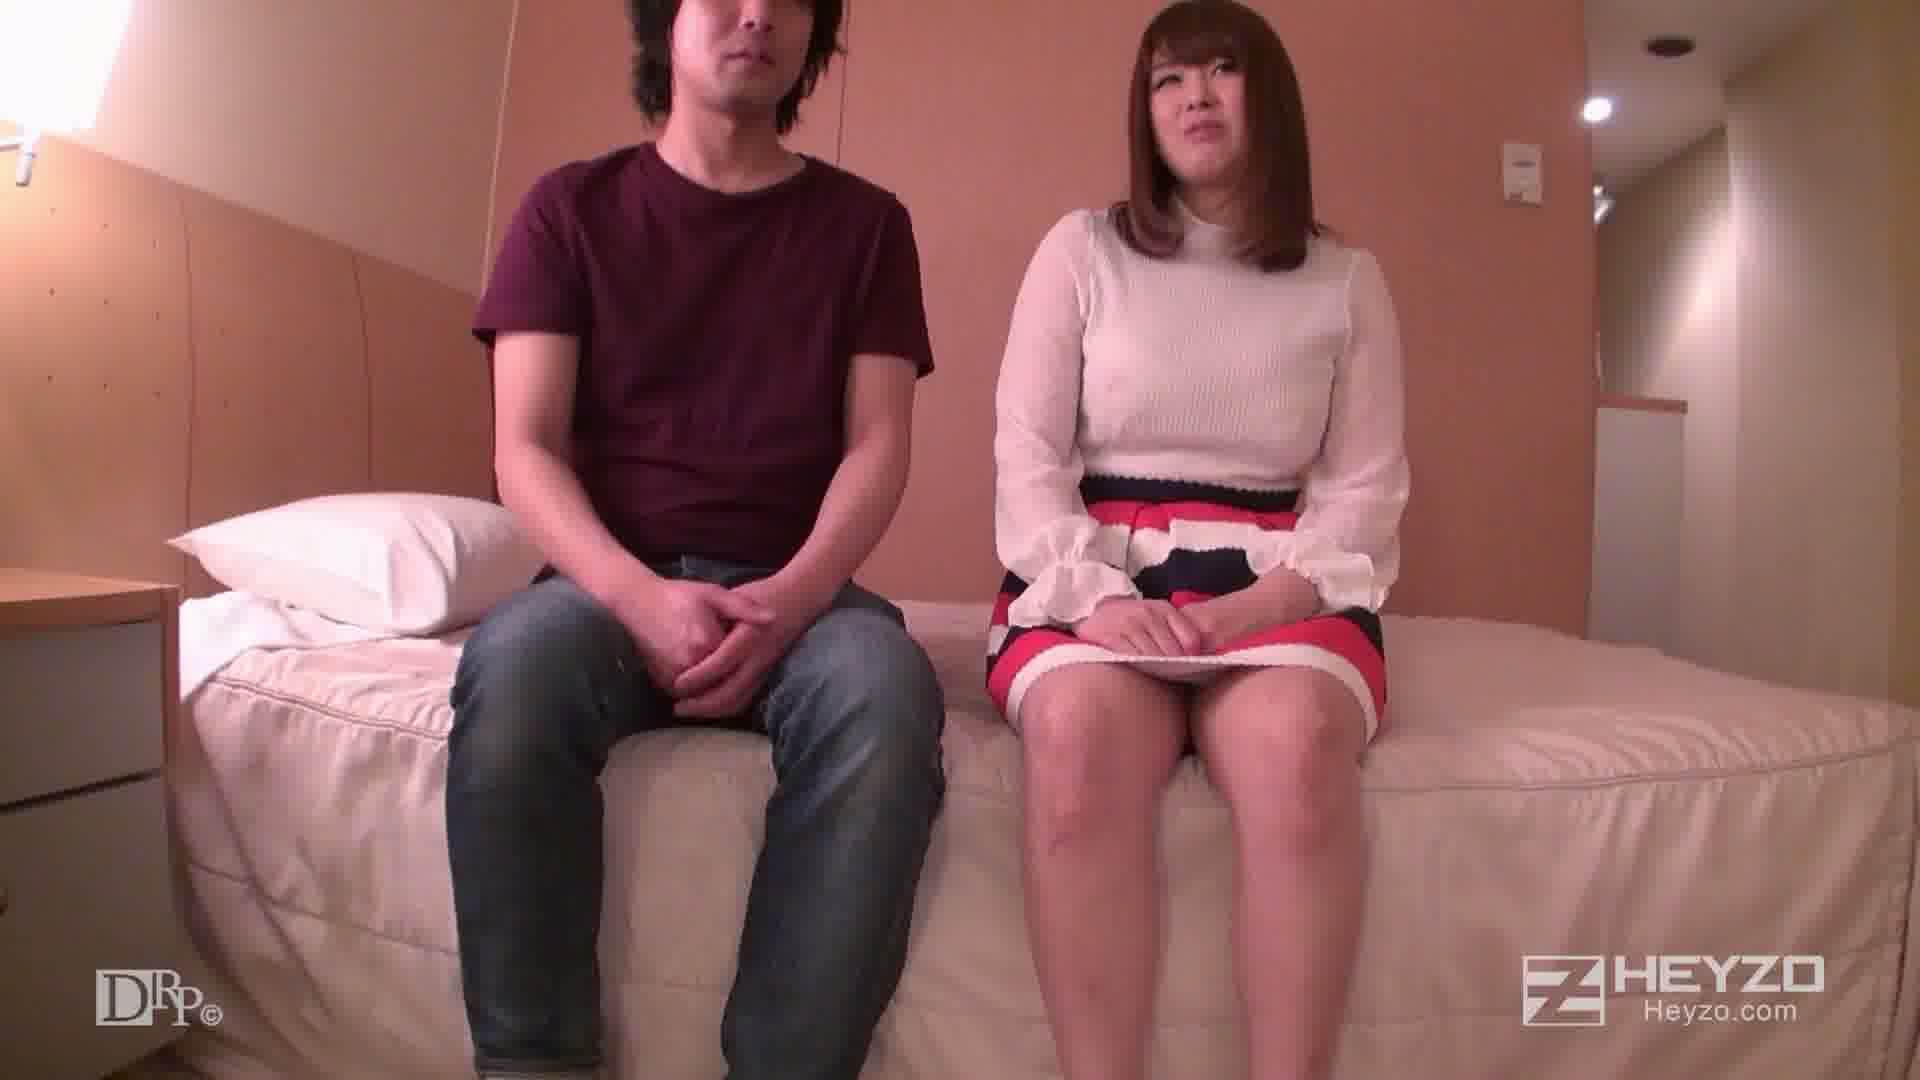 脱マンネリ!エクスタシーを求めてAV撮影に応募してきたカップル 前編 - 如月しょうこ【インタビュー 脱衣 手マン】